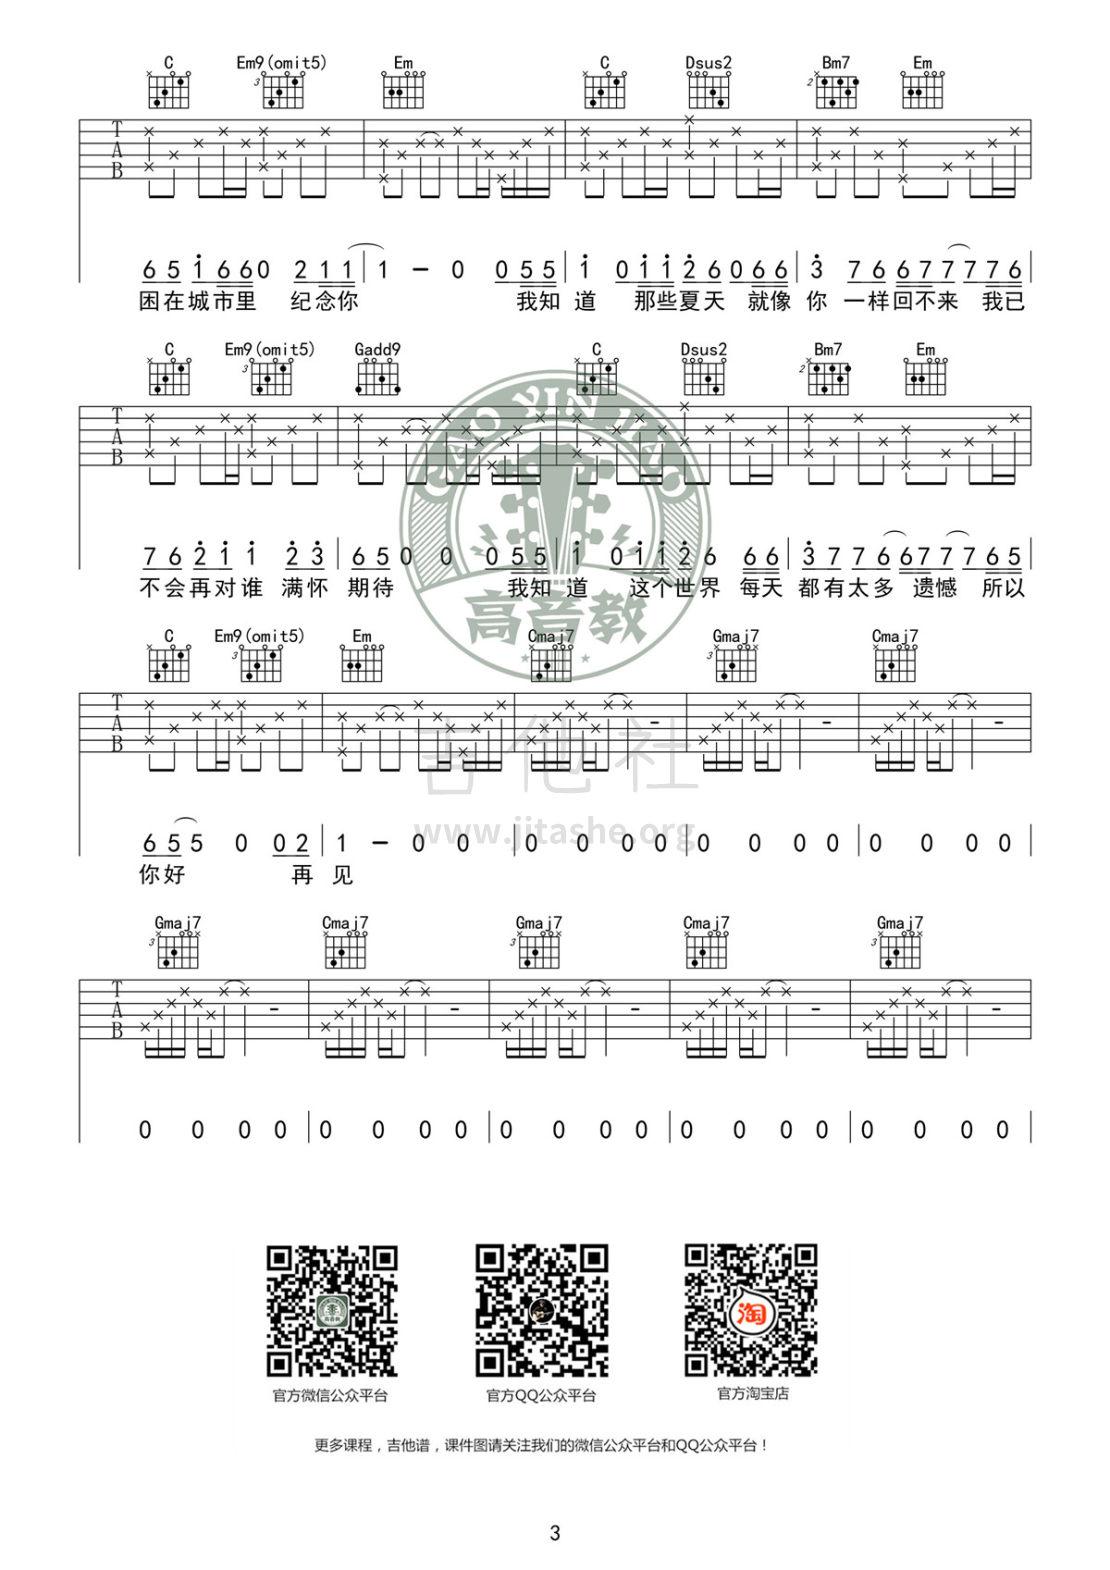 安河桥(高音教编配)吉他谱(图片谱,弹唱,伴奏,G调)_宋冬野_吉他谱《安河桥》G调标准版03.jpg